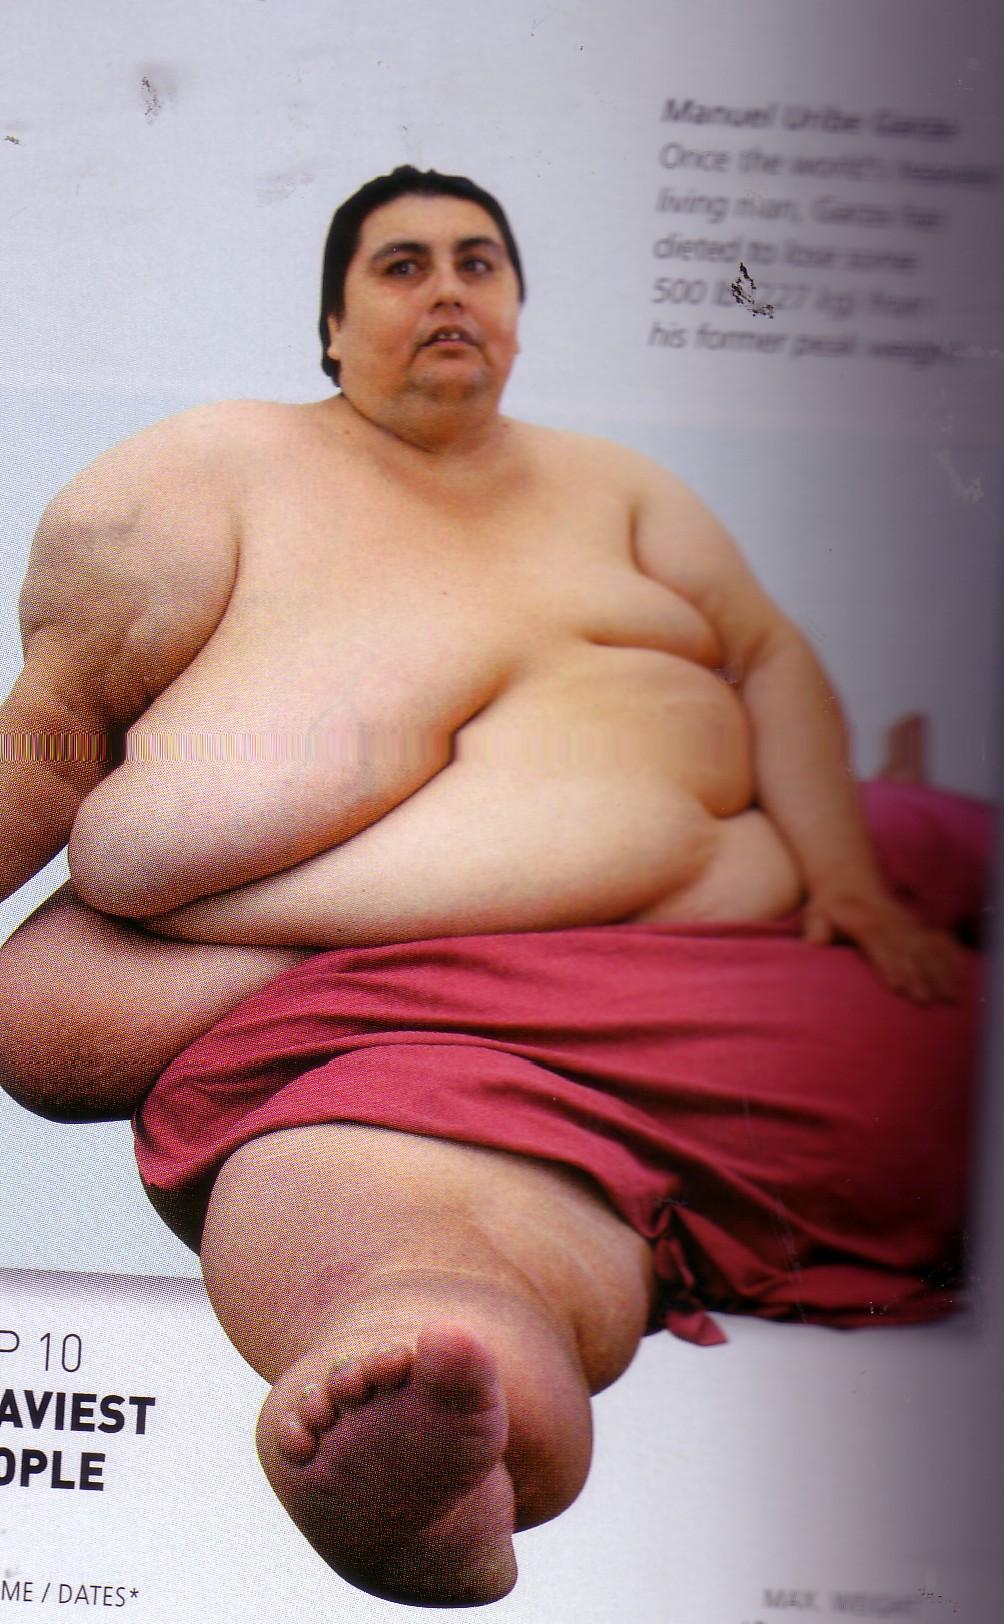 gordo gorda follando: